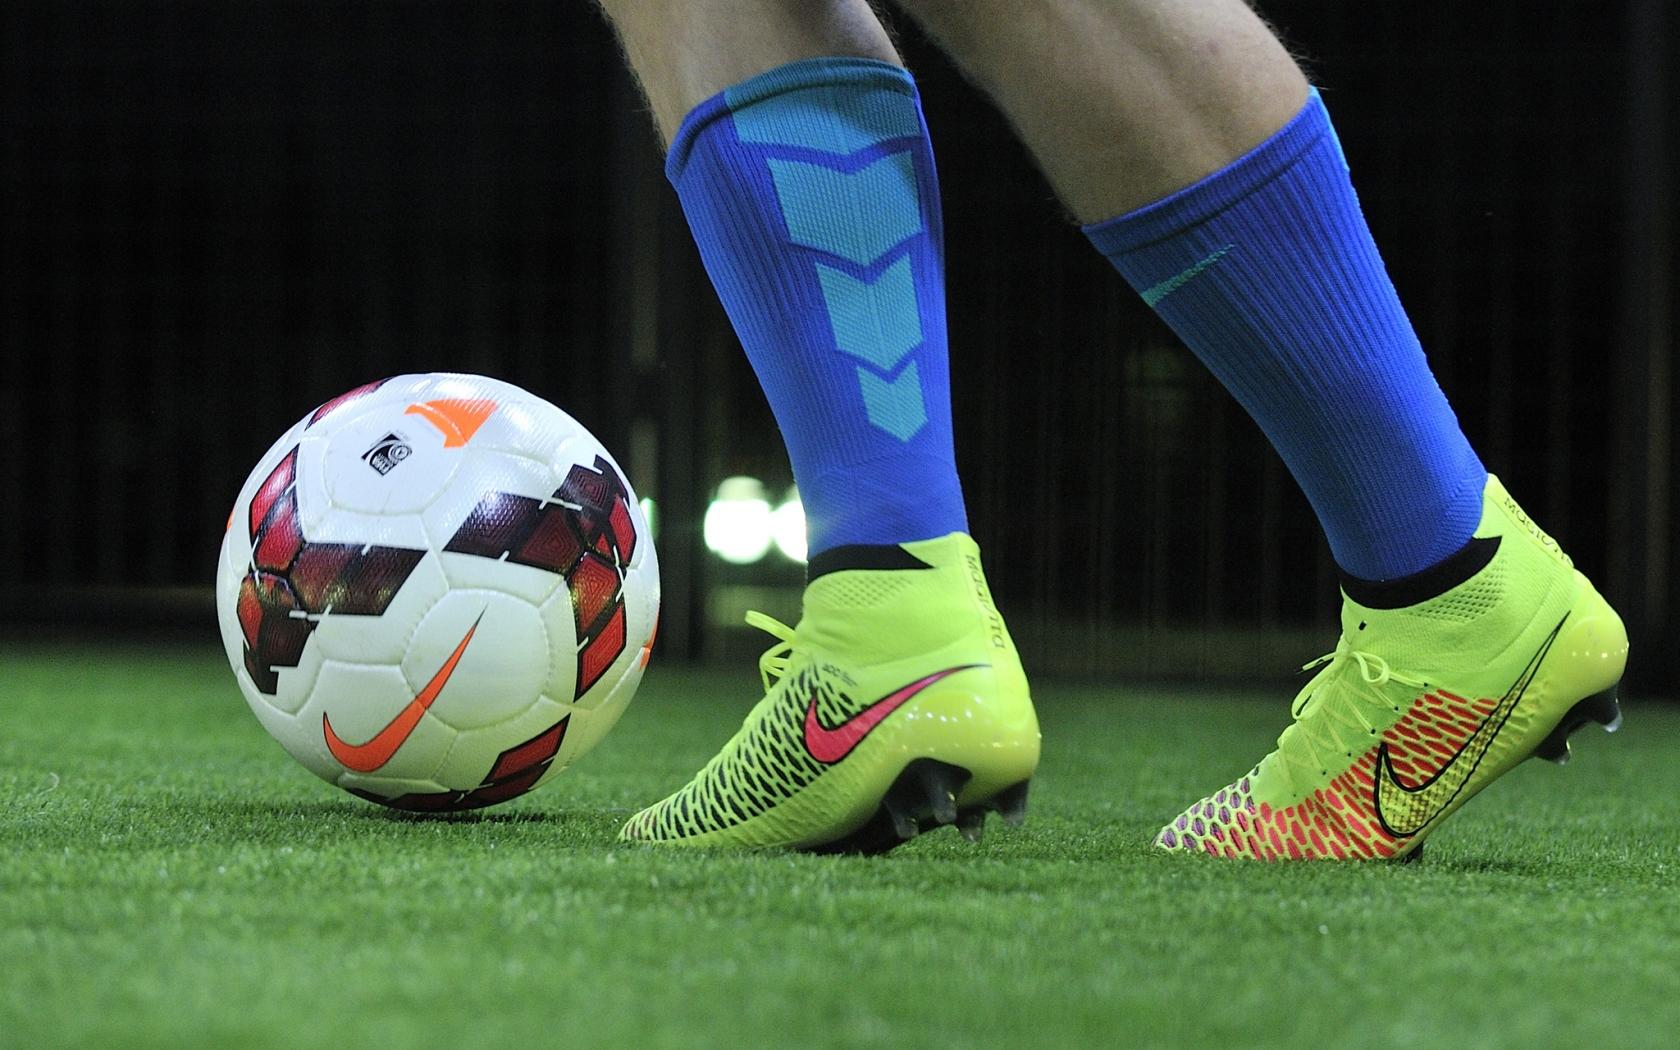 Fondos De Pantalla Fútbol Pelota Silueta Deporte: Pelotas Y Chimpunes Nike Hd 1680x1050